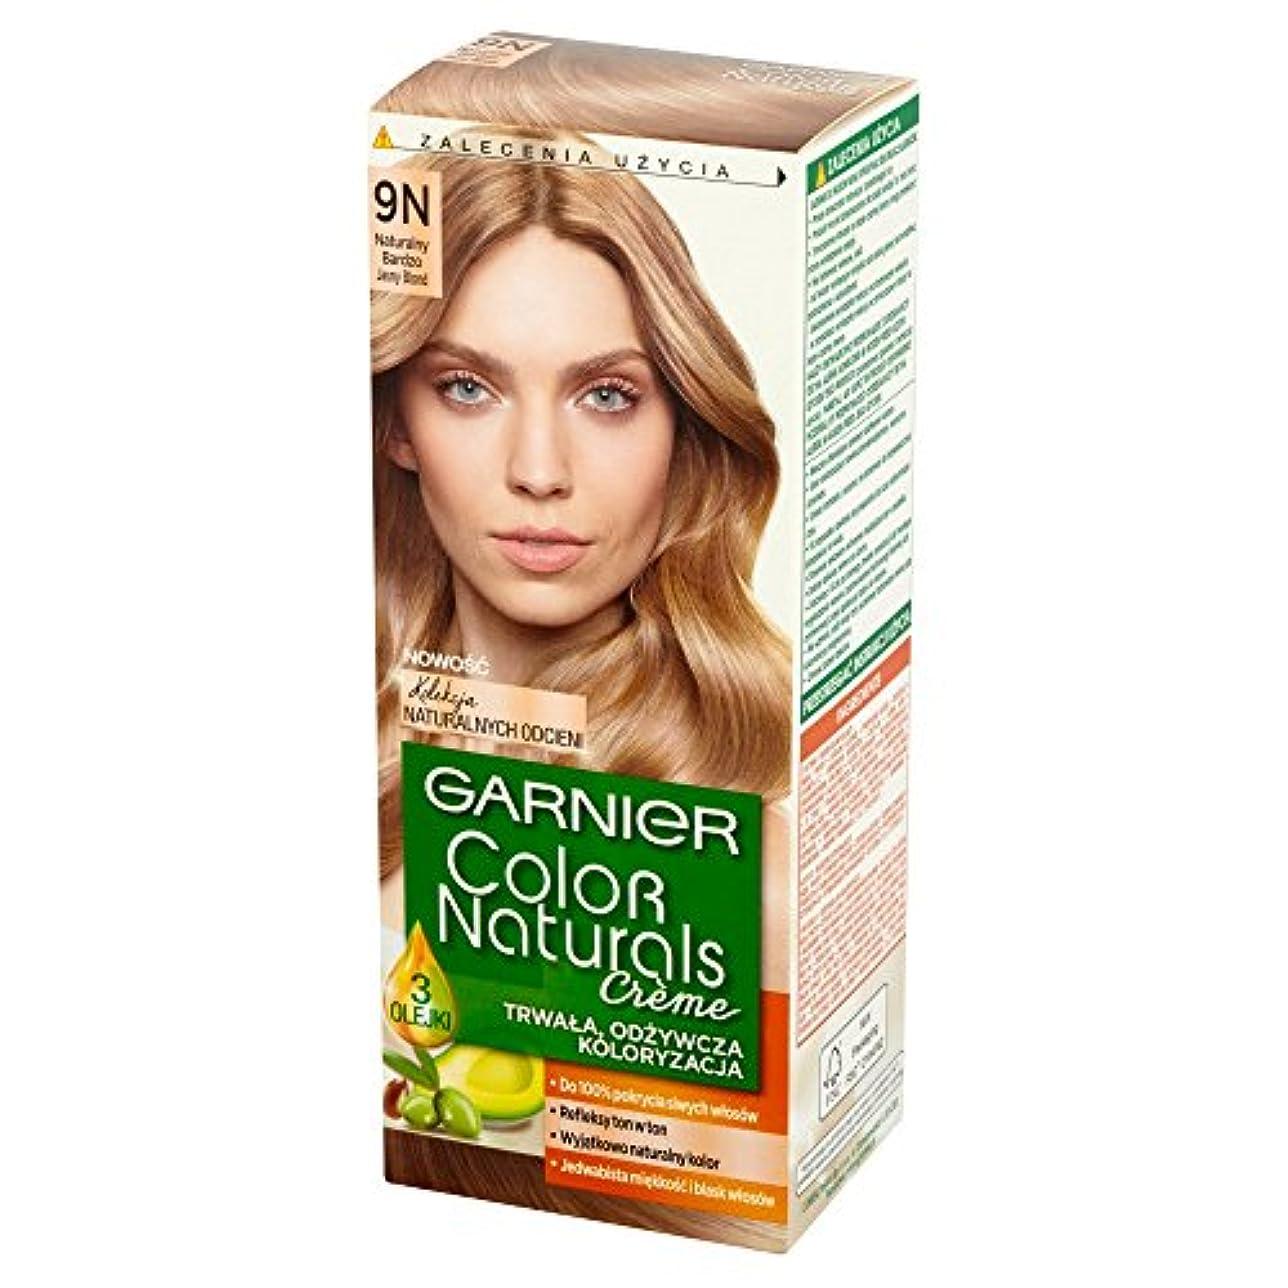 顎規制助言するロレアル Garnier Color Naturals Creme 9N • Natural Light Blonde ブロンドヘアカラークリーム